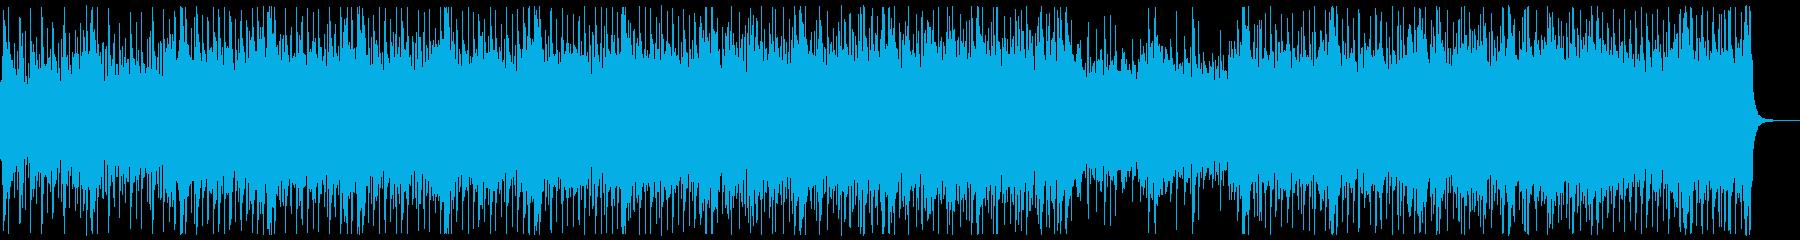 和楽器・和風・サムライロック:琴尺八ぬきの再生済みの波形